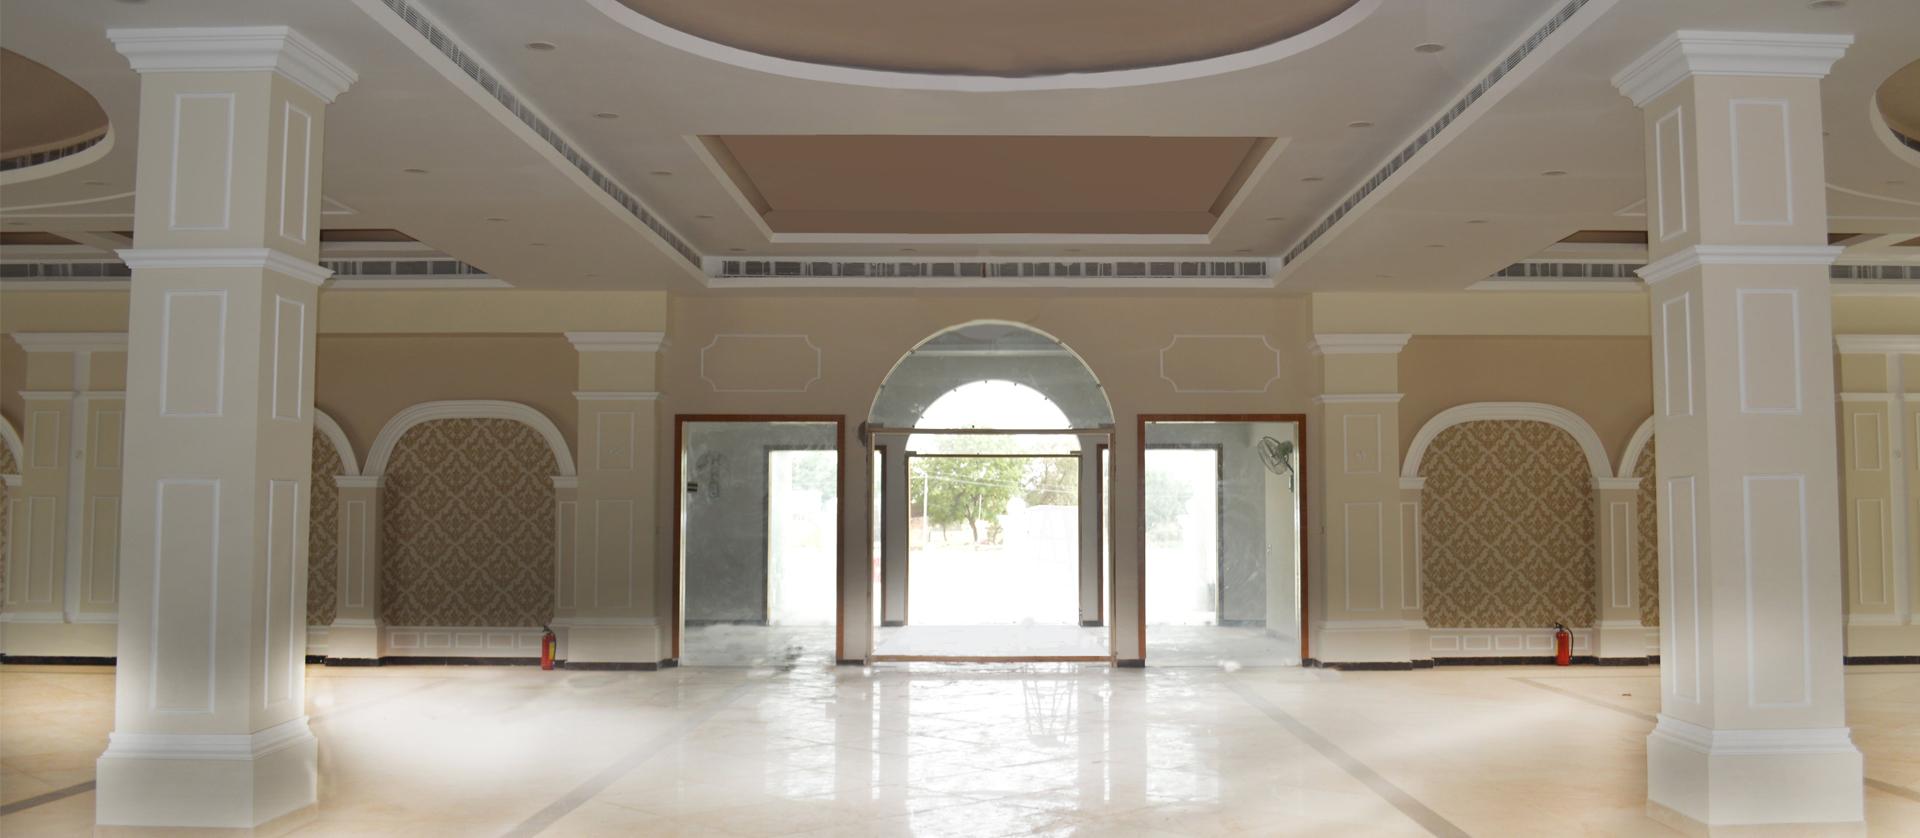 DeenDayal Palace Banquet Hall: Rewari, Haryana